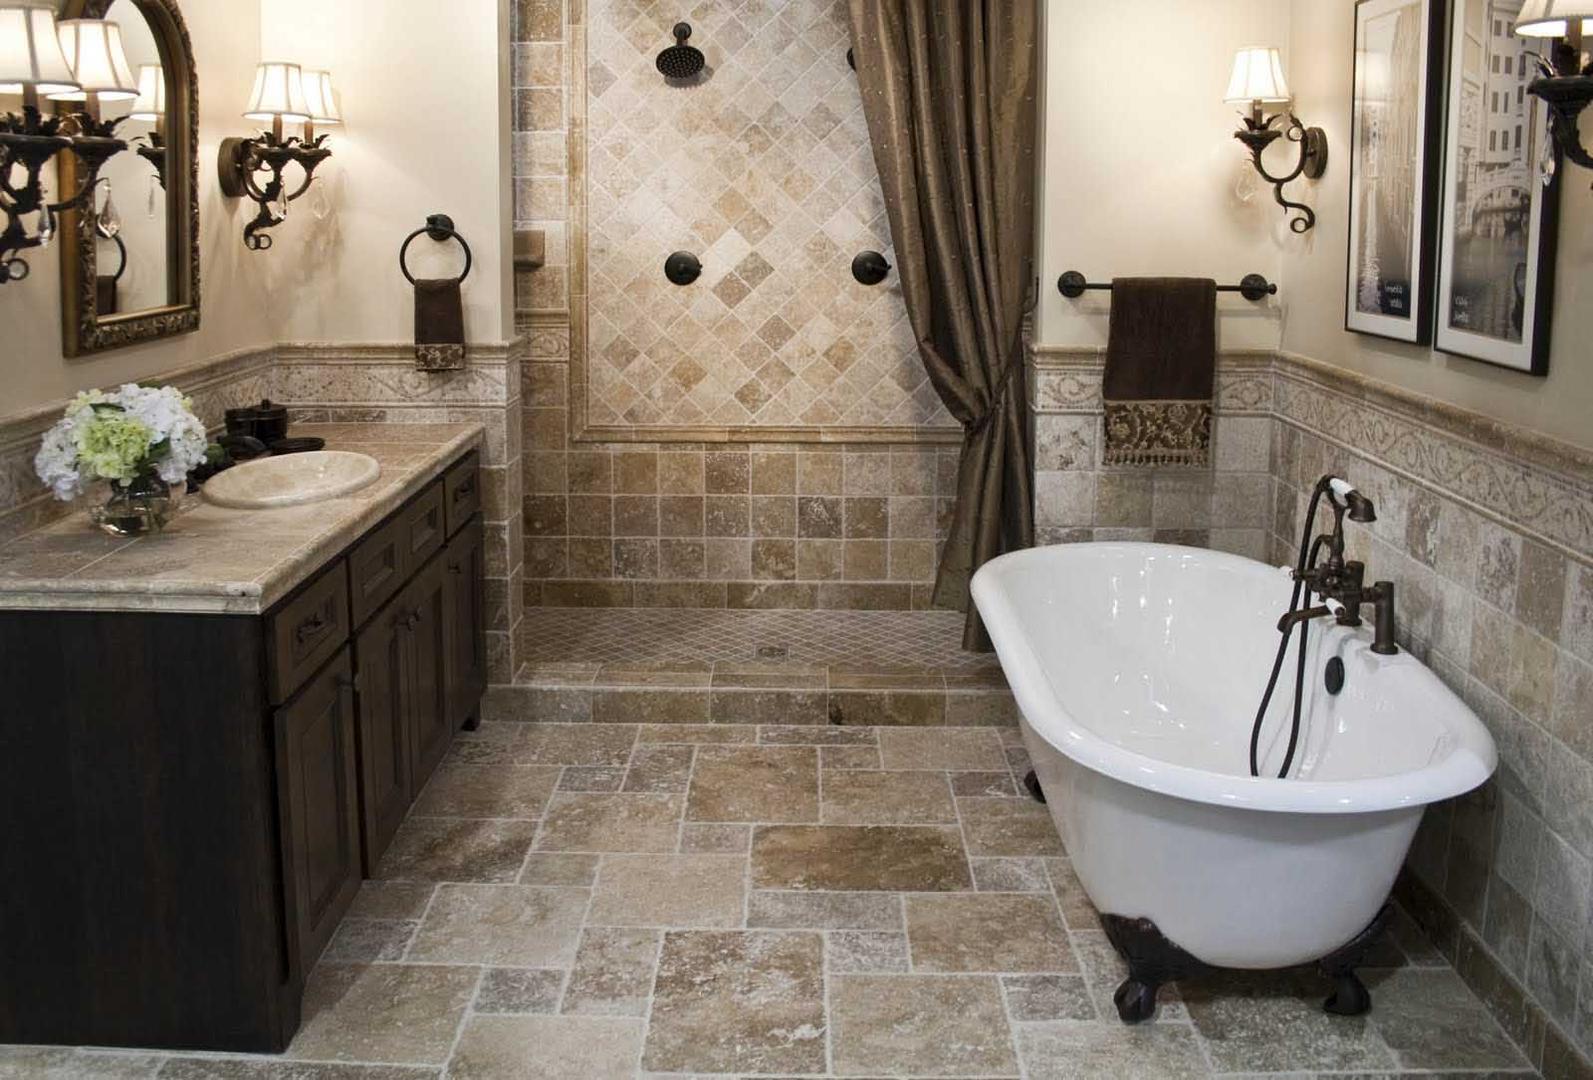 Phoenix Home Remodeling Best Kitchen And Bathroom Remodel In Phoenix And Scottsdale Best Contractors In Phoenix